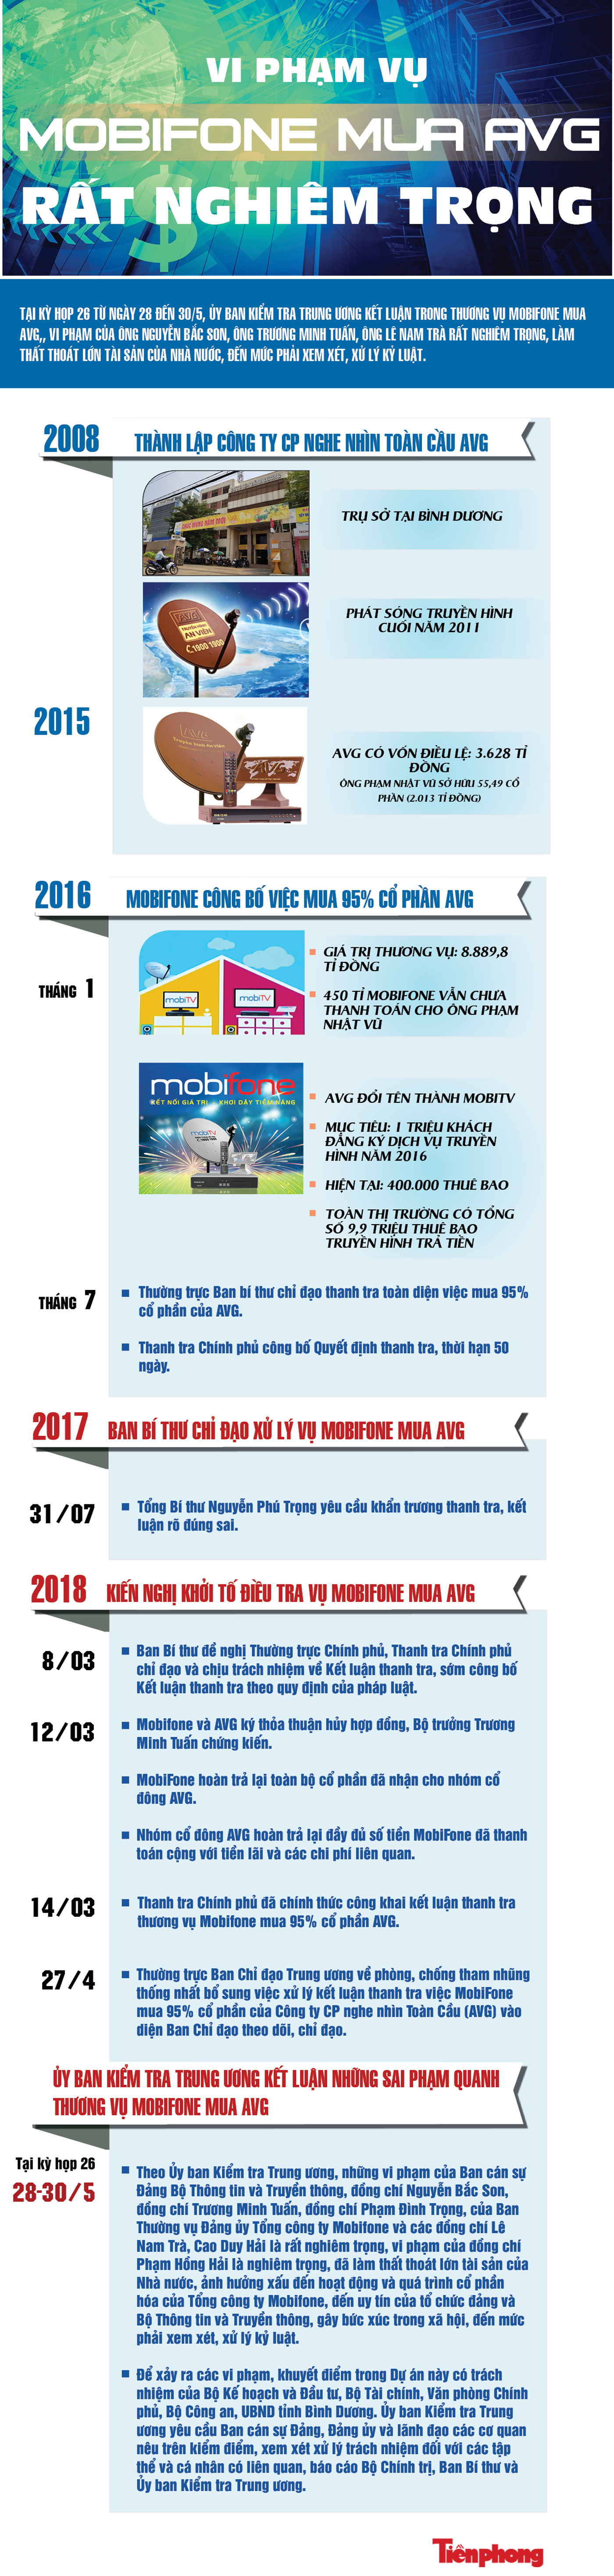 [Infographics] Vi phạm vụ MobiFone mua AVG rất nghiêm trọng ảnh 1